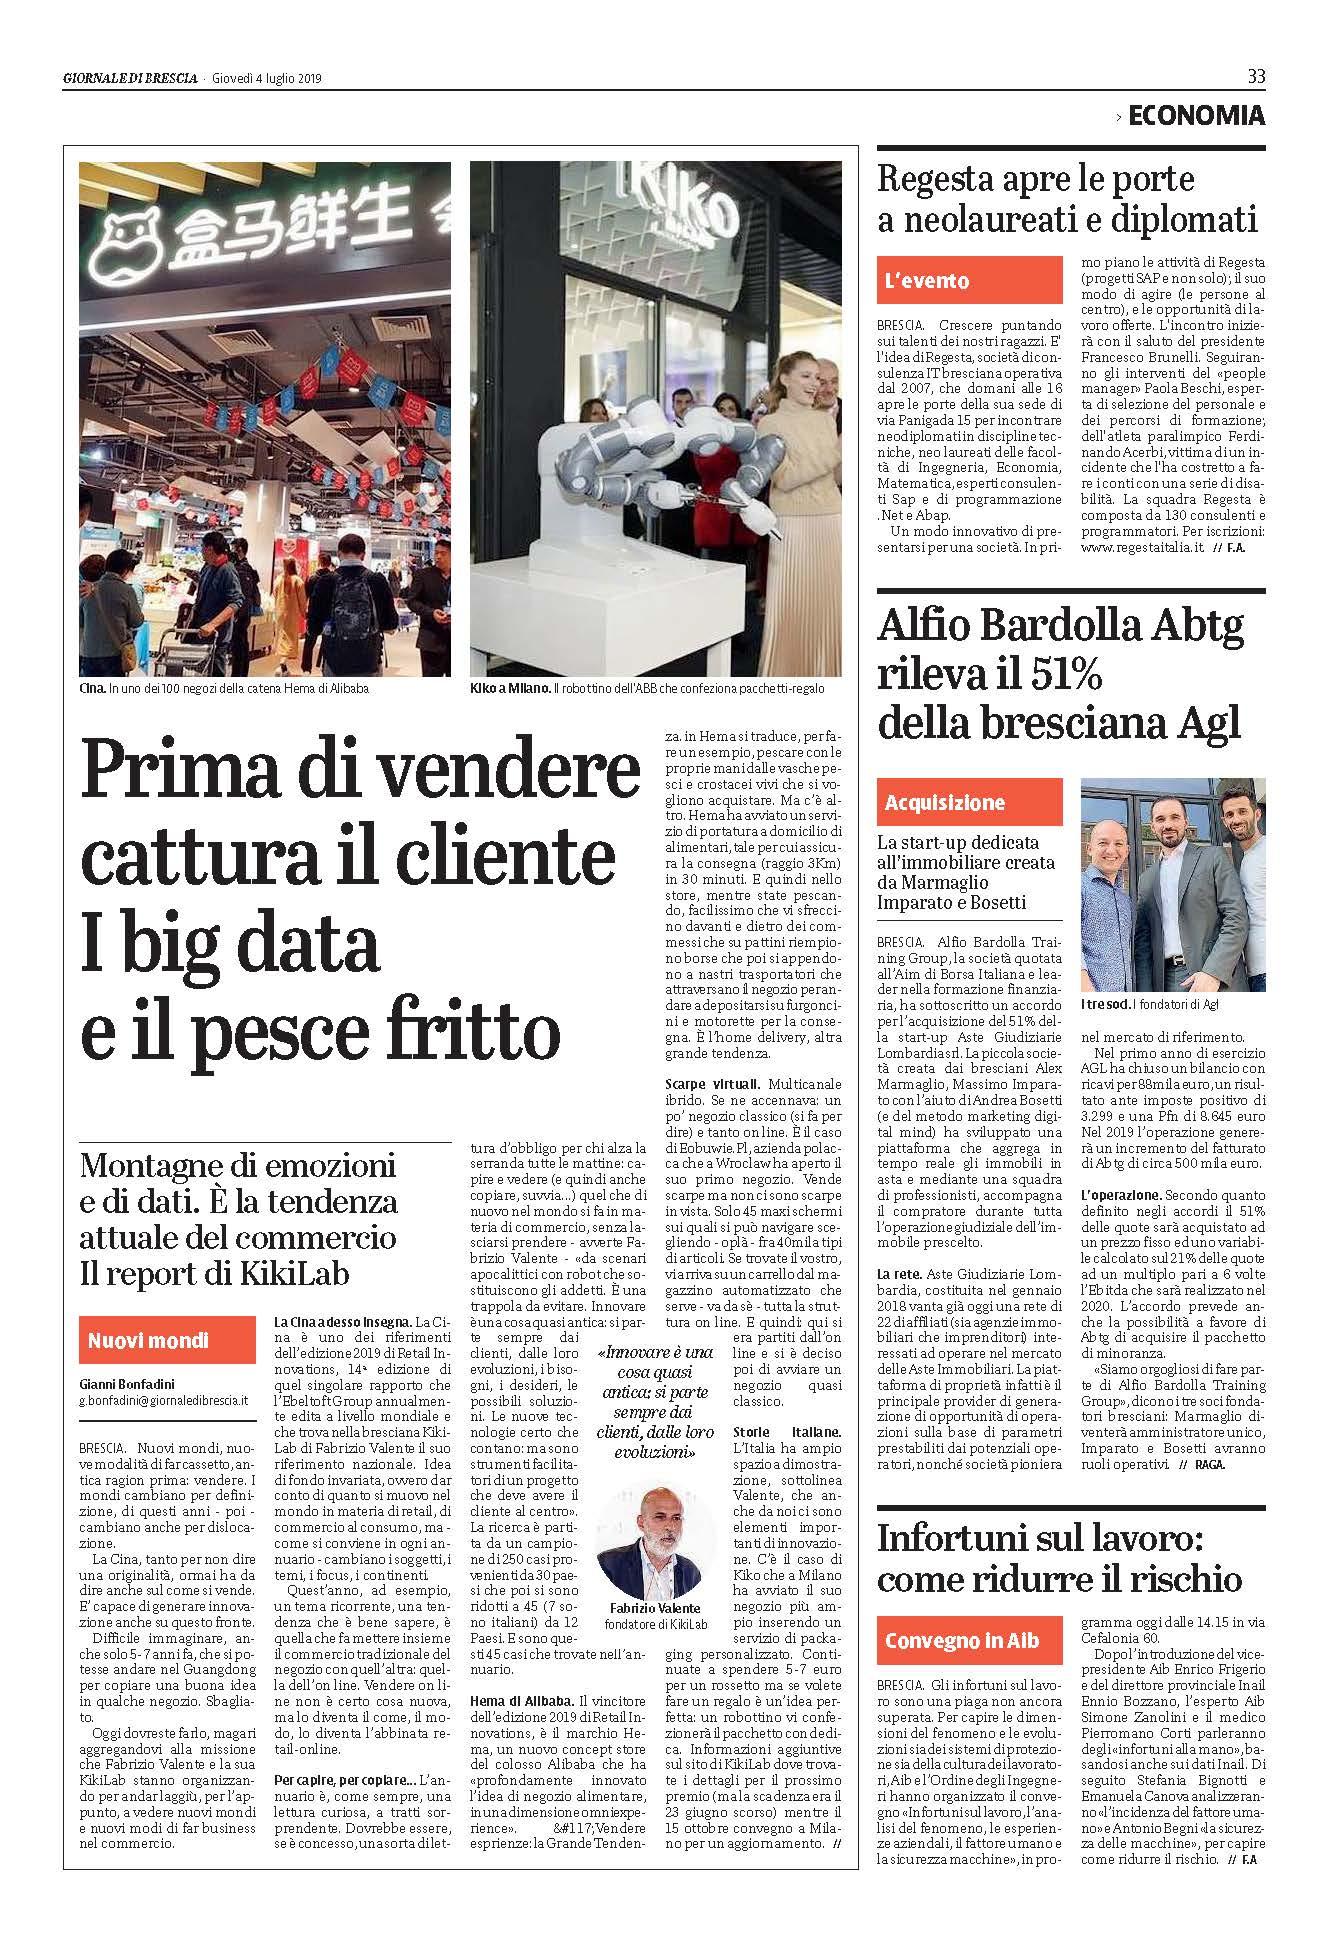 Giornale di Brescia 4 luglio 2019 – Da Vinci 4.0